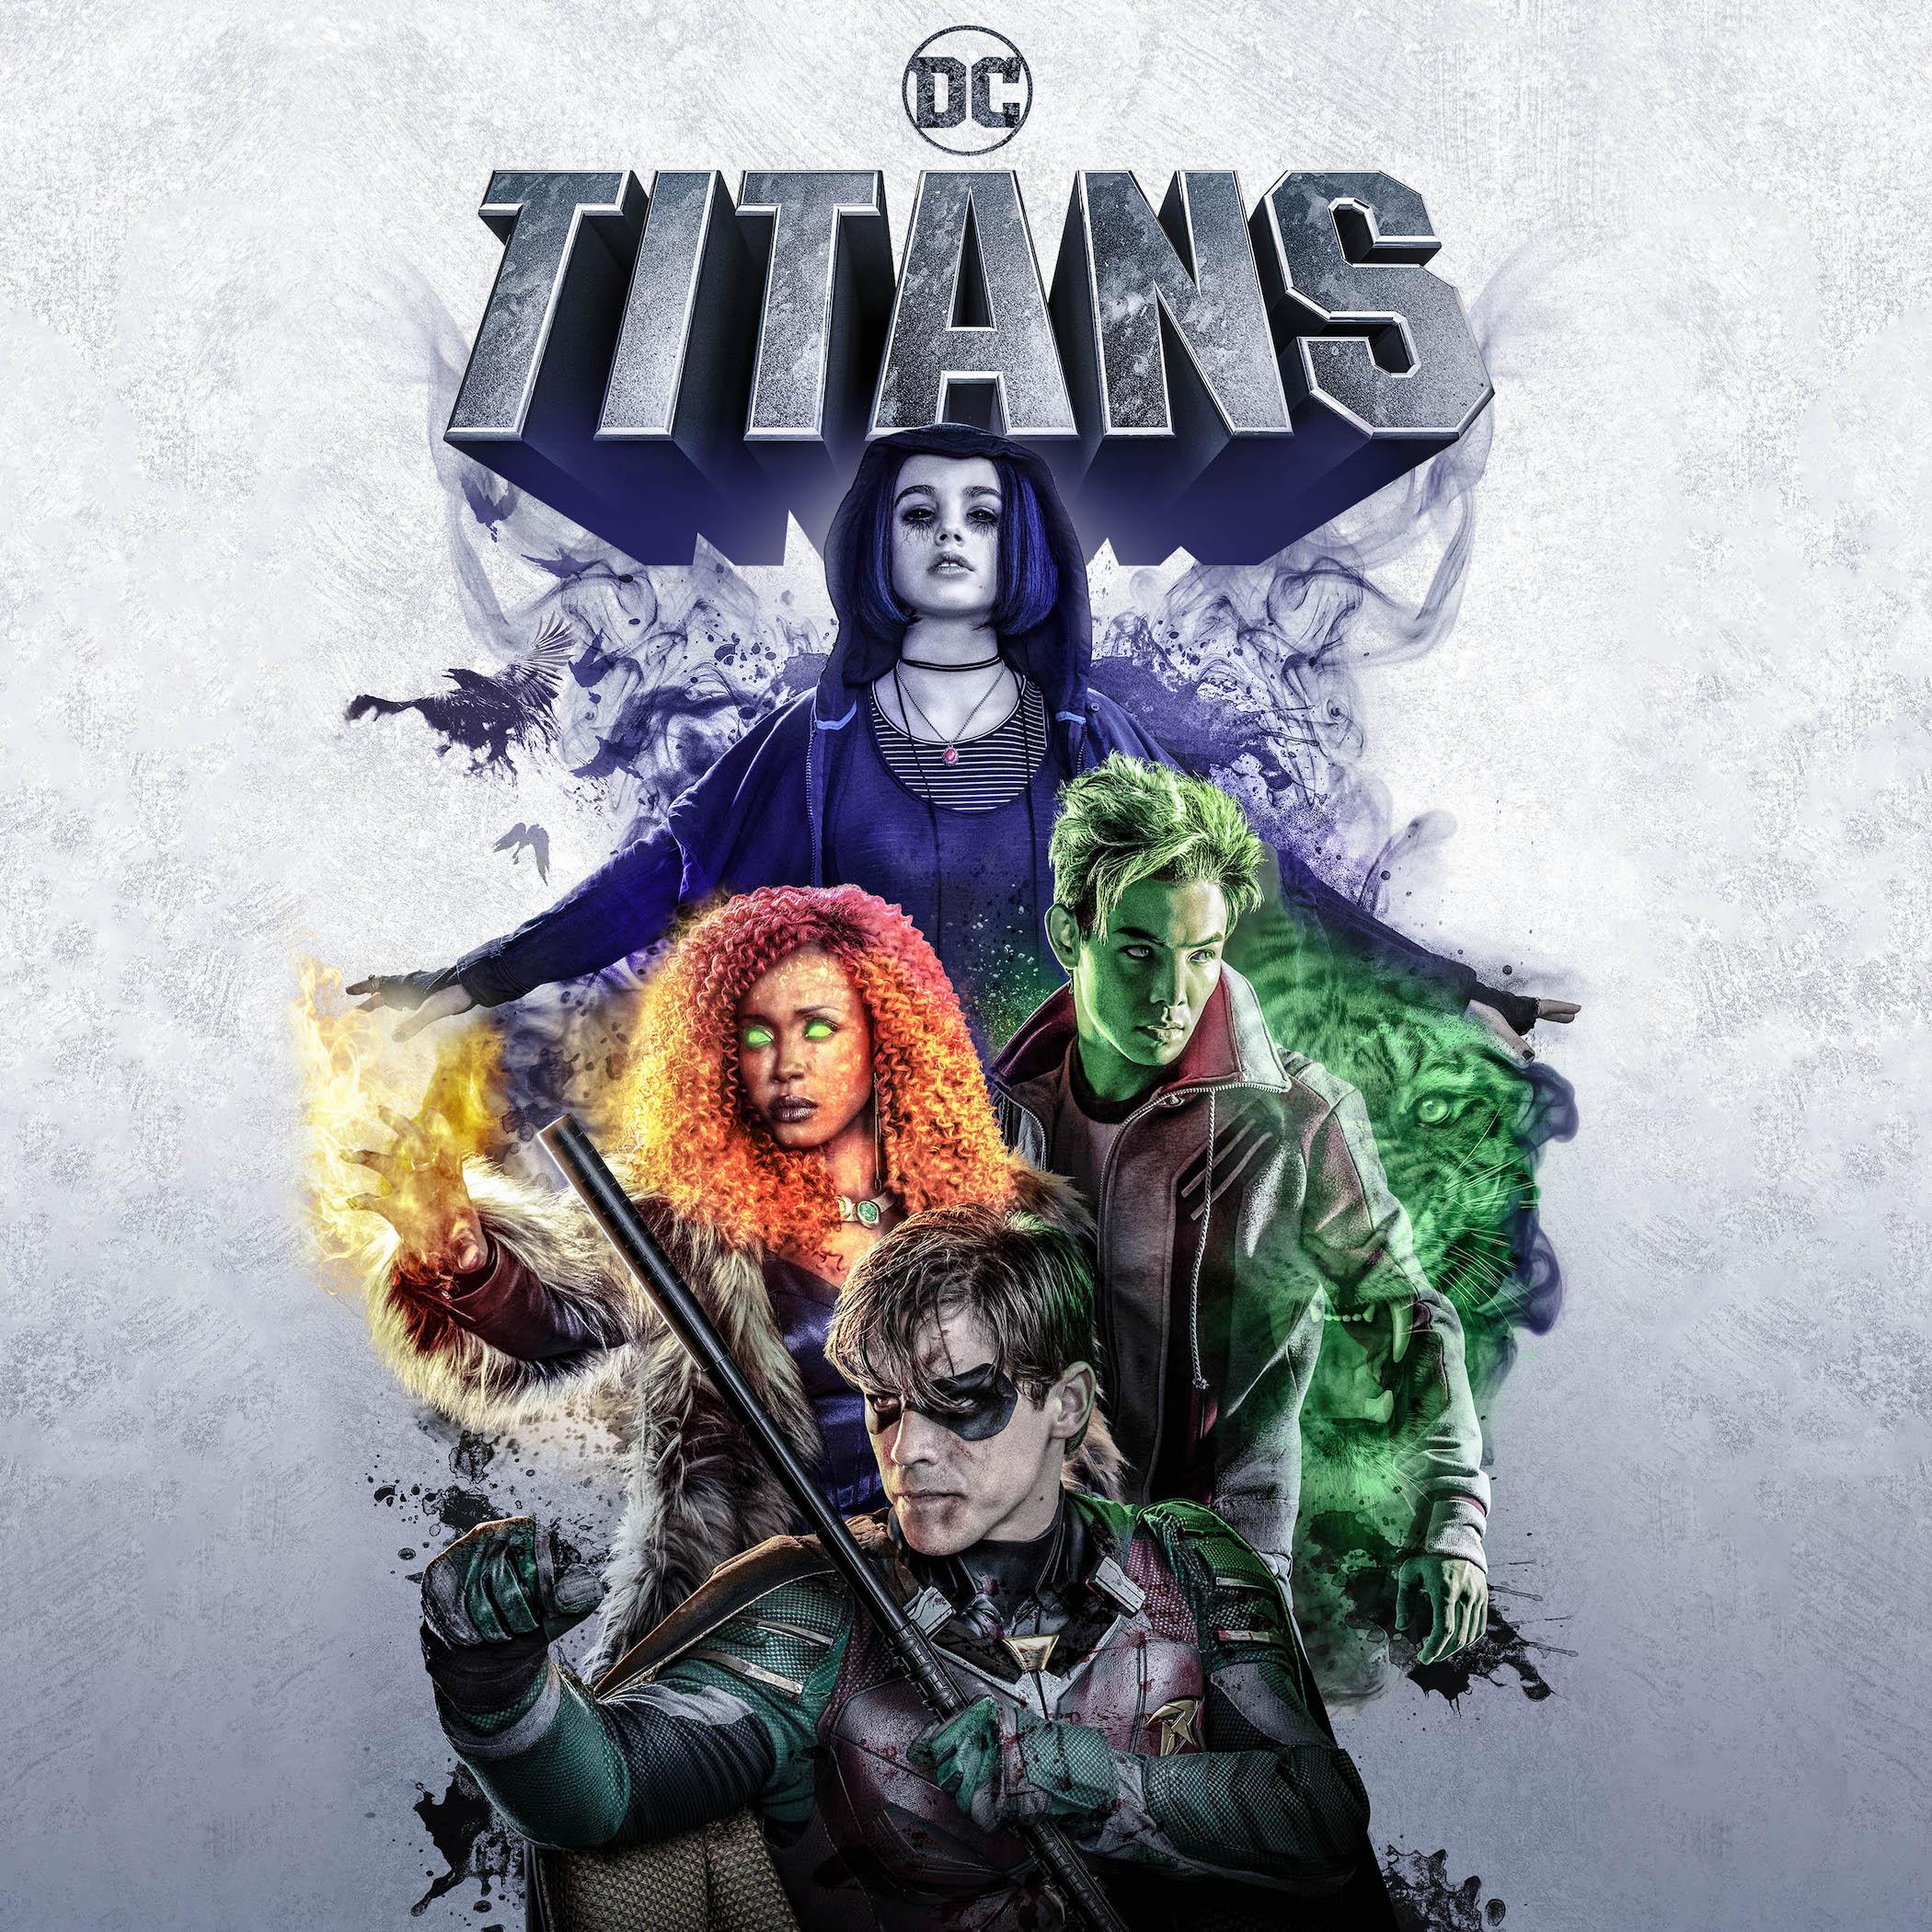 Titans_S1_S_DD_KA_TT_3000x3000_300dpi_EN[1].JPG